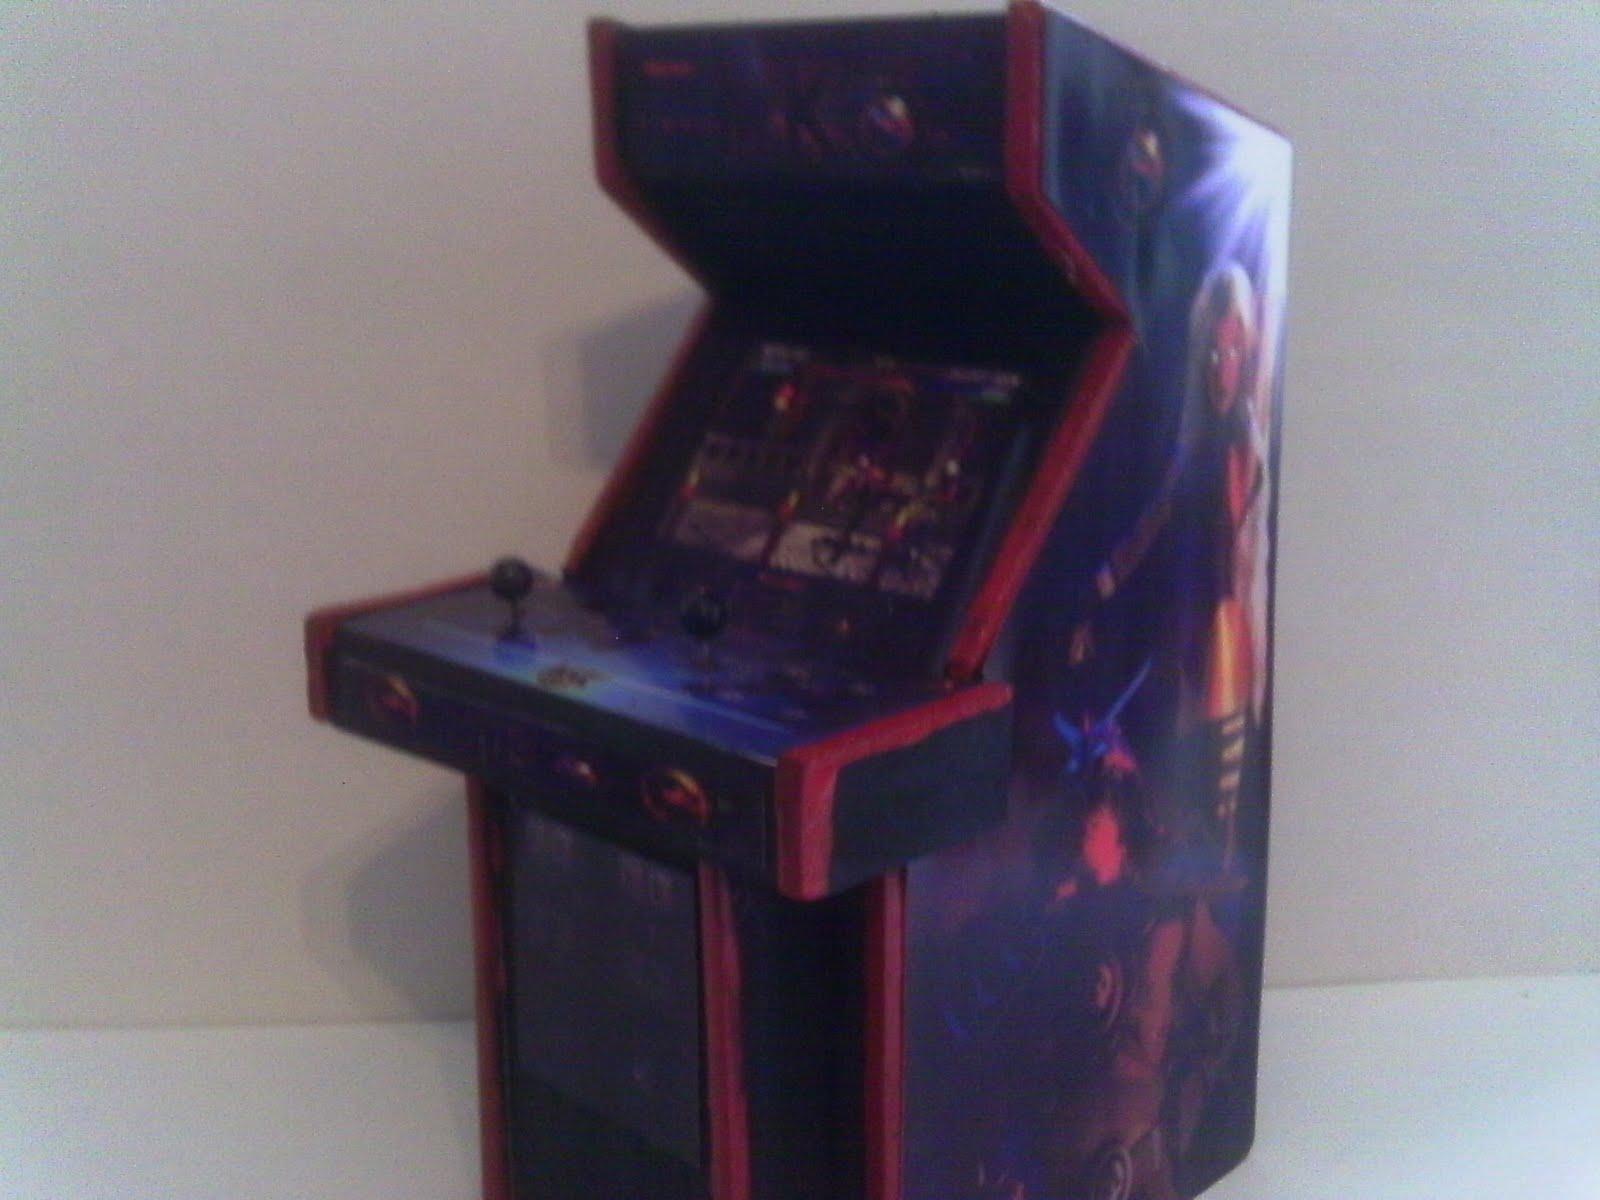 Retro Heart: Mortal Kombat Series - 1,2 & 3 - Arcade Models